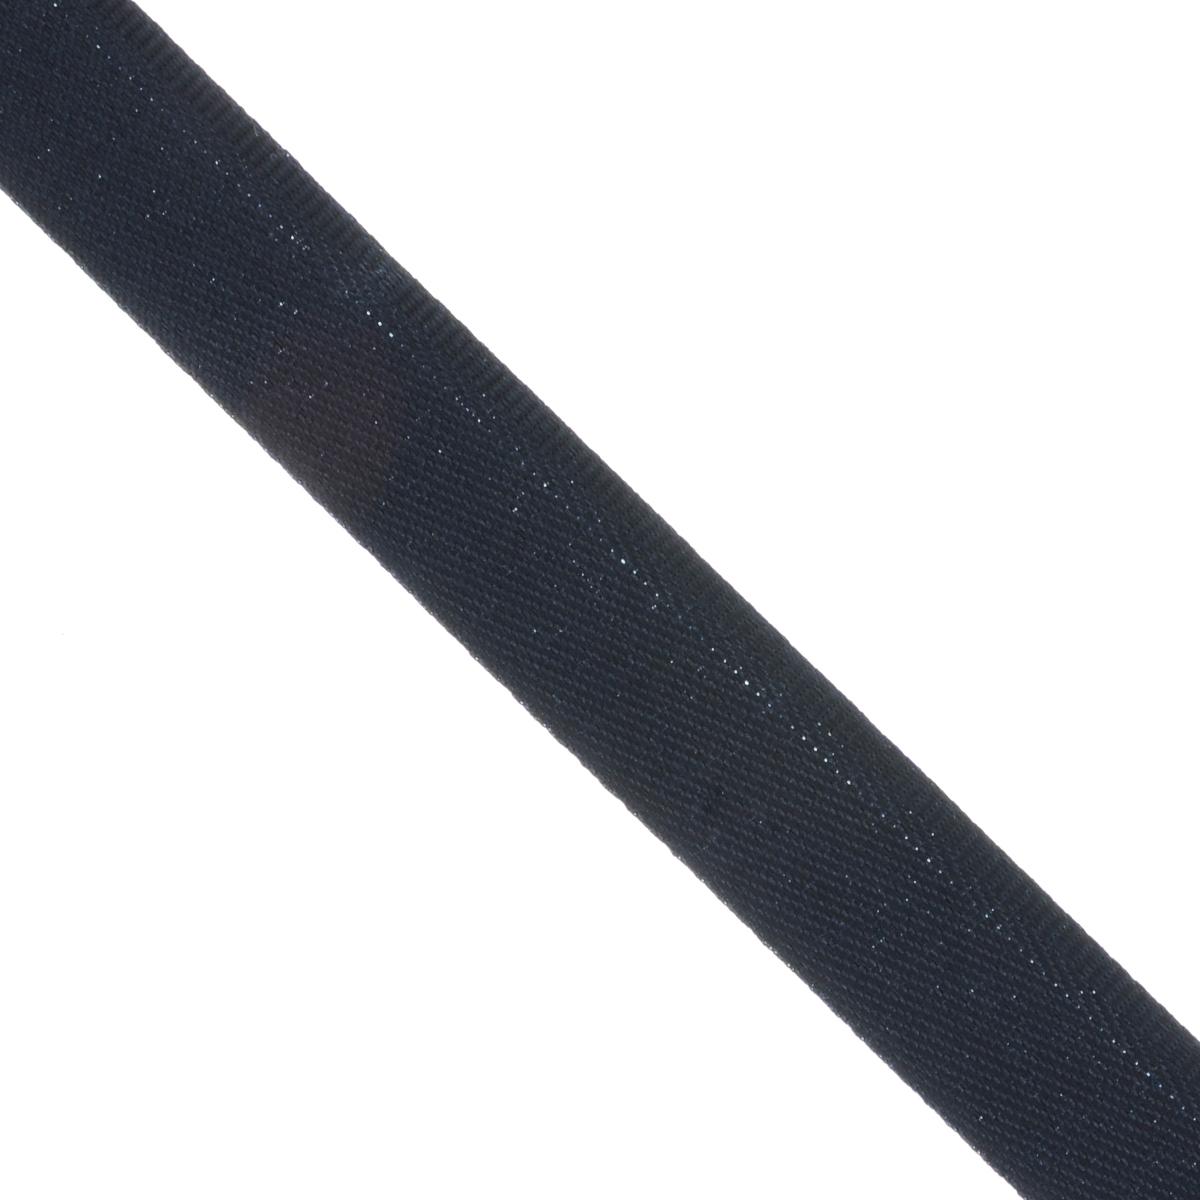 Тесьма для брюк Prym, цвет: темно-синий, ширина 15 мм, длина 30 м693503Тесьма для брюк Prym - это неэластичная лента, выполненная из 100% полиэстера. Предназначена для обработки и укорачивания низа штанин. В основном используется для классических мужских брюк. Тесьма предохраняет край брюк от быстрого изнашивания, утяжелят брюки, что дает более четкое выравнивание штанины, а также держит форму стрелок по подгибу. Ширина тесьмы: 15 мм. Длина тесьмы: 30 м.